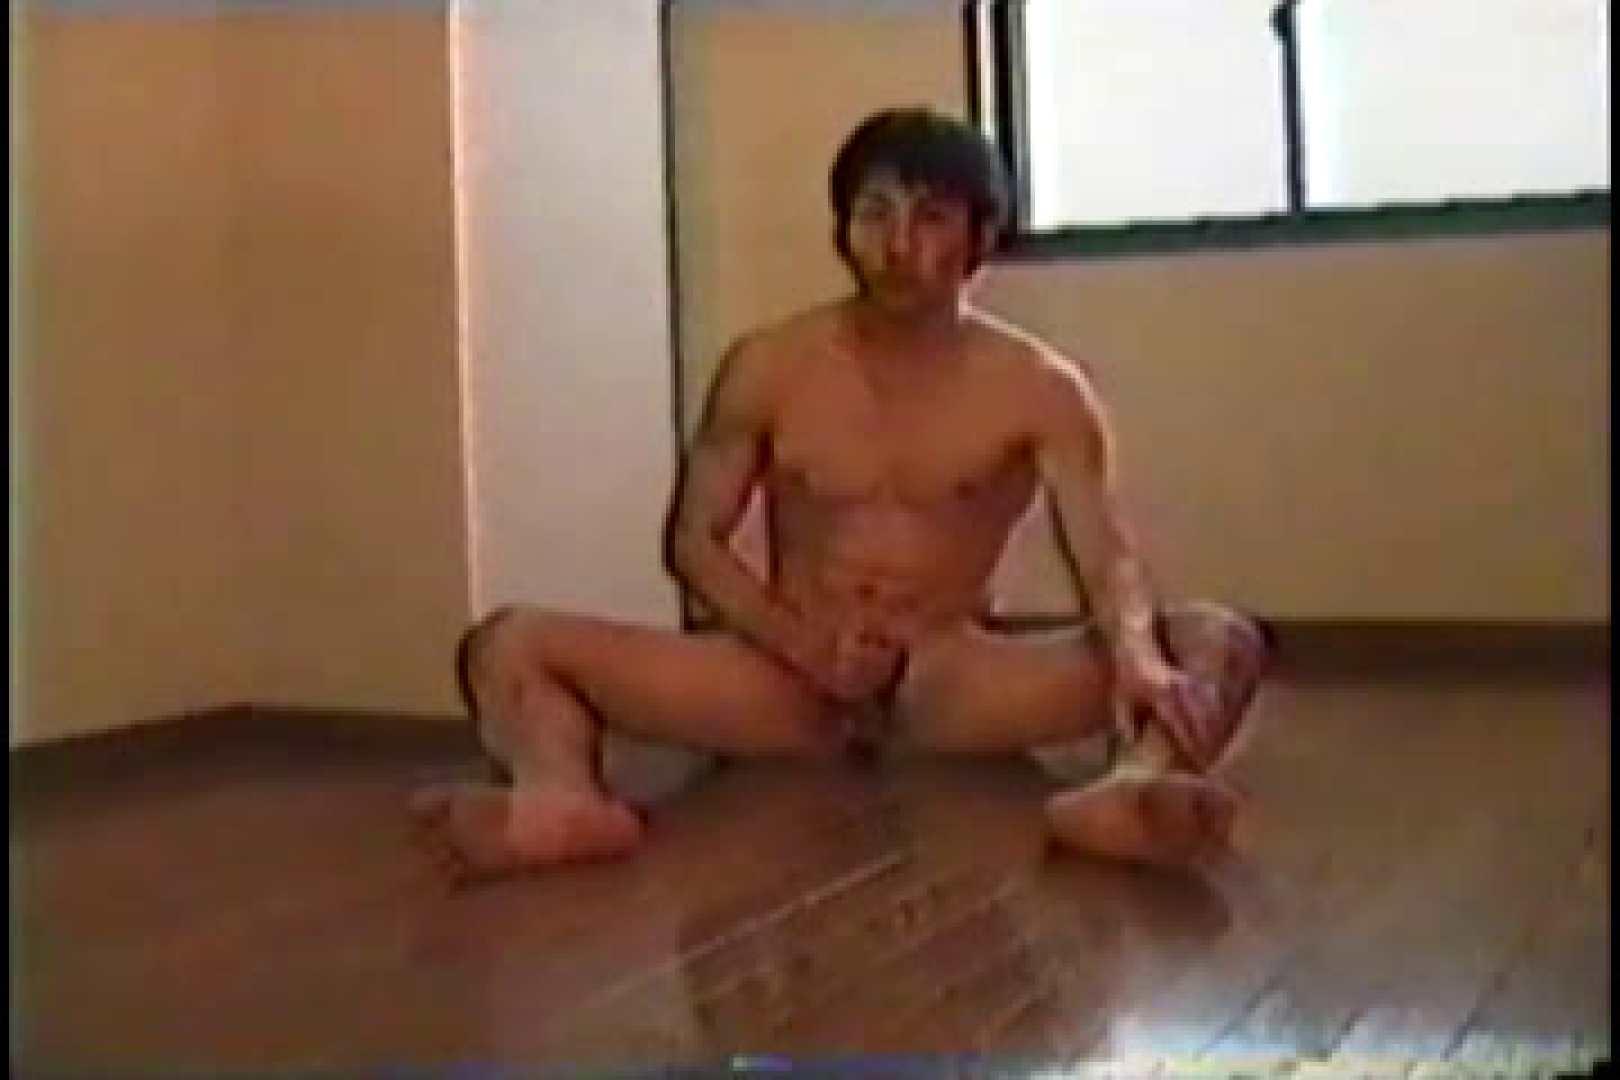 『ノンケ・スポーツマンシップとは・・・! ! 』 第6戦 キン肉 ゲイアダルトビデオ画像 111枚 101